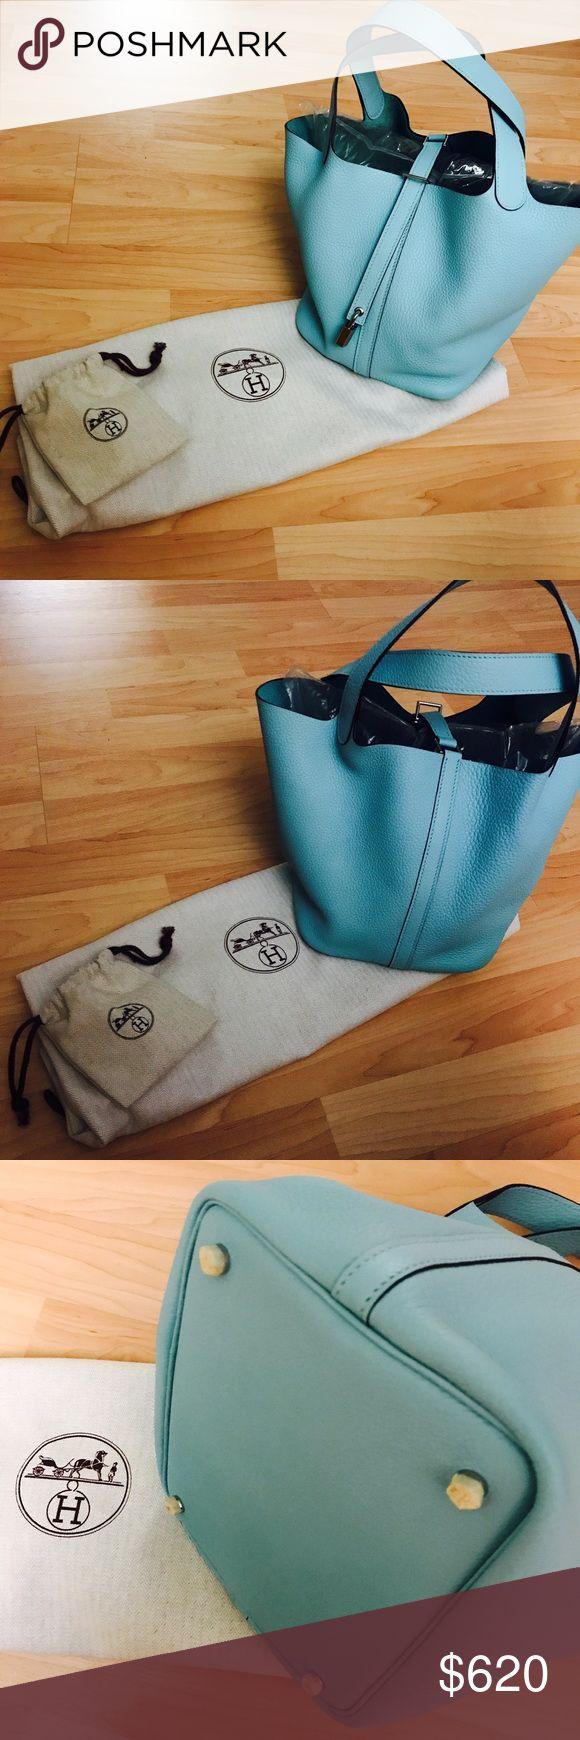 Hermes bag BNWT Hermes Bags